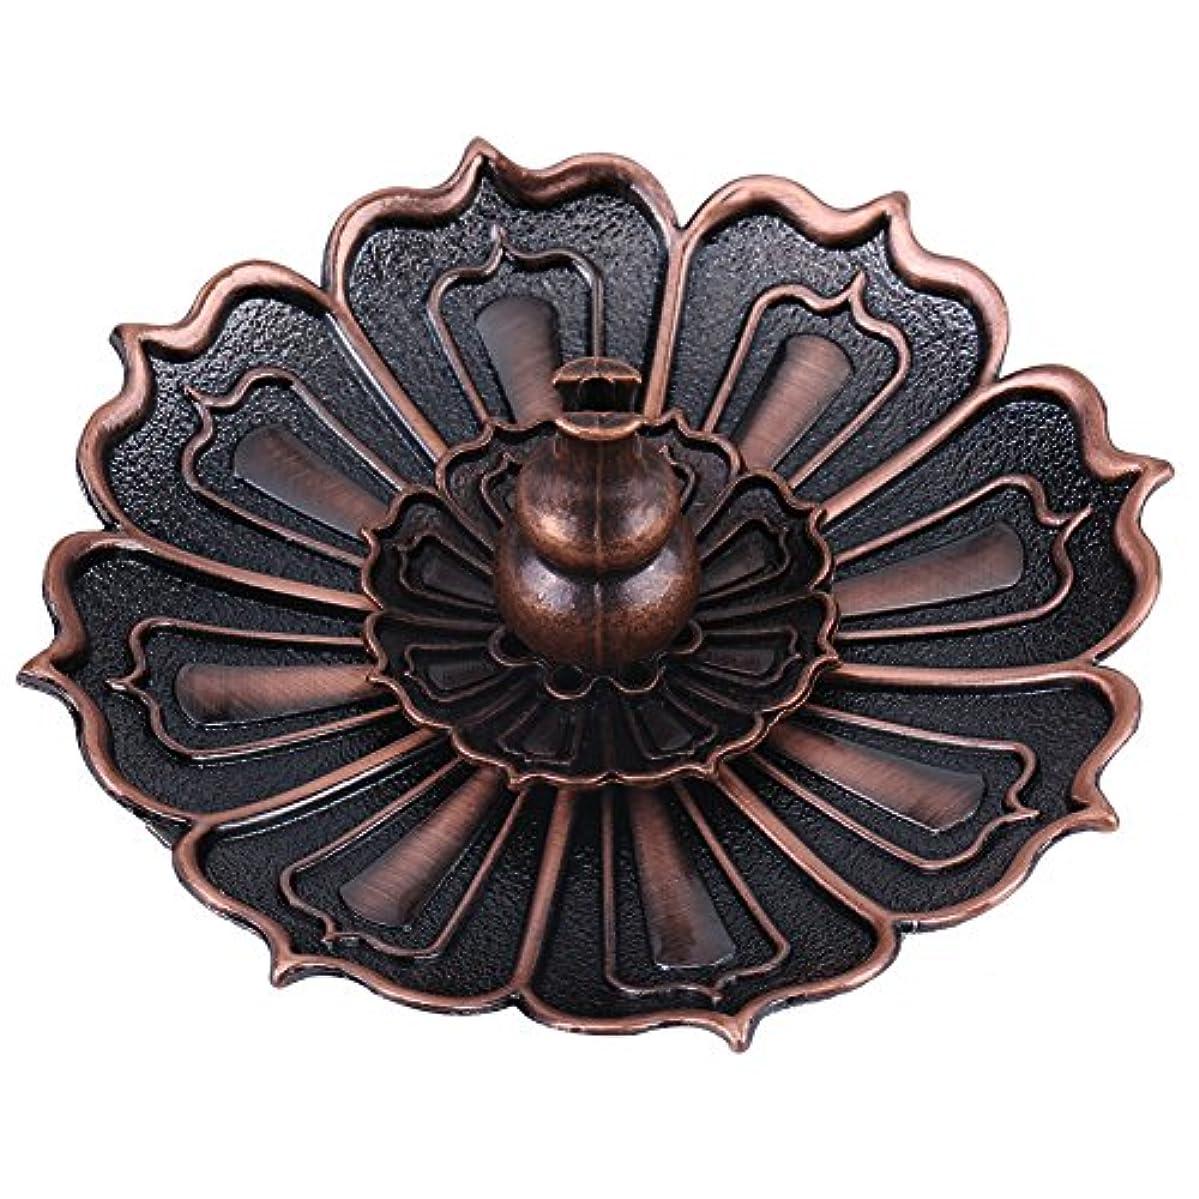 生じるプロフィールライブGLOGLOW お香立て 蓮の花型 お香 お香スティック コイル イミテーション ブロンズ ホームデコレーション ヴィンテージスタイル